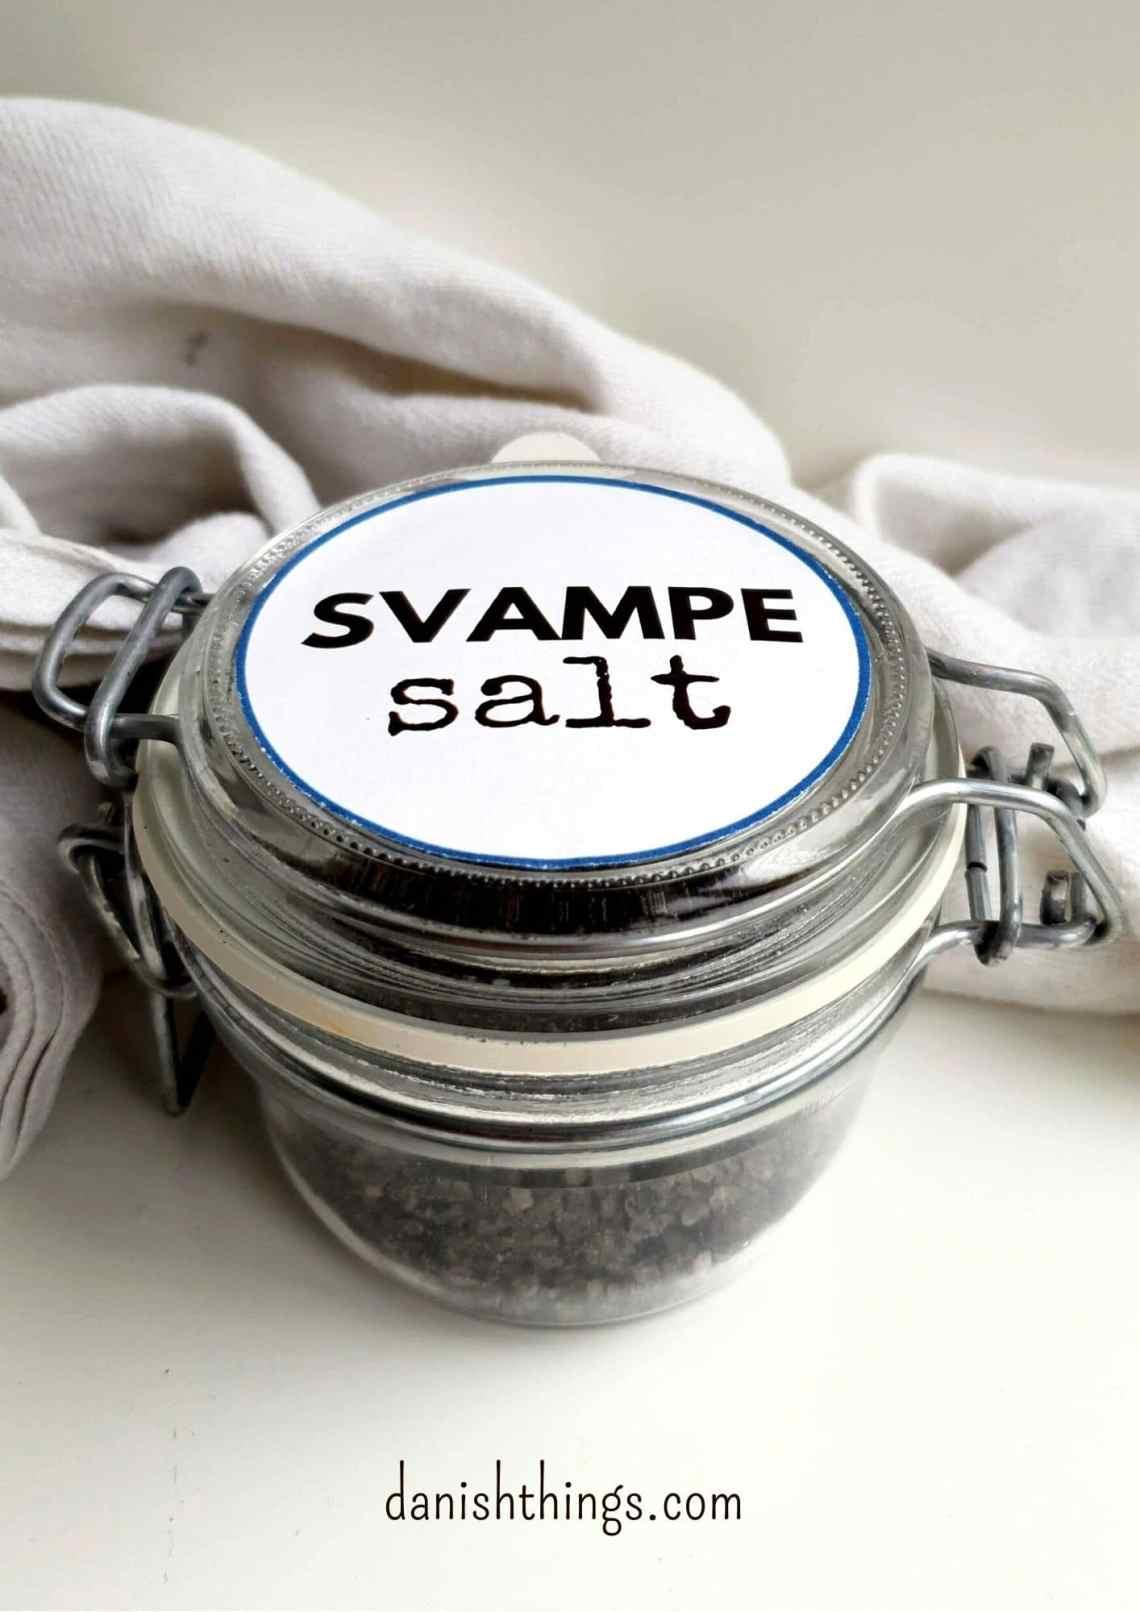 Sådan laver du svampesalt - farvet med parykblækhatte. Lav et smukt velduftende svampesalt. Bestem selv om dit svampesalt skal være fint eller groft, lysegråt eller mørkt. En god gave til dig selv, eller en du kender. Find opskrifter, gratis print og inspiration til årets gang på danishthings.com #DanishThings #svampe #salt #svampesalt #efterår #spisefteråret #parykblækhat